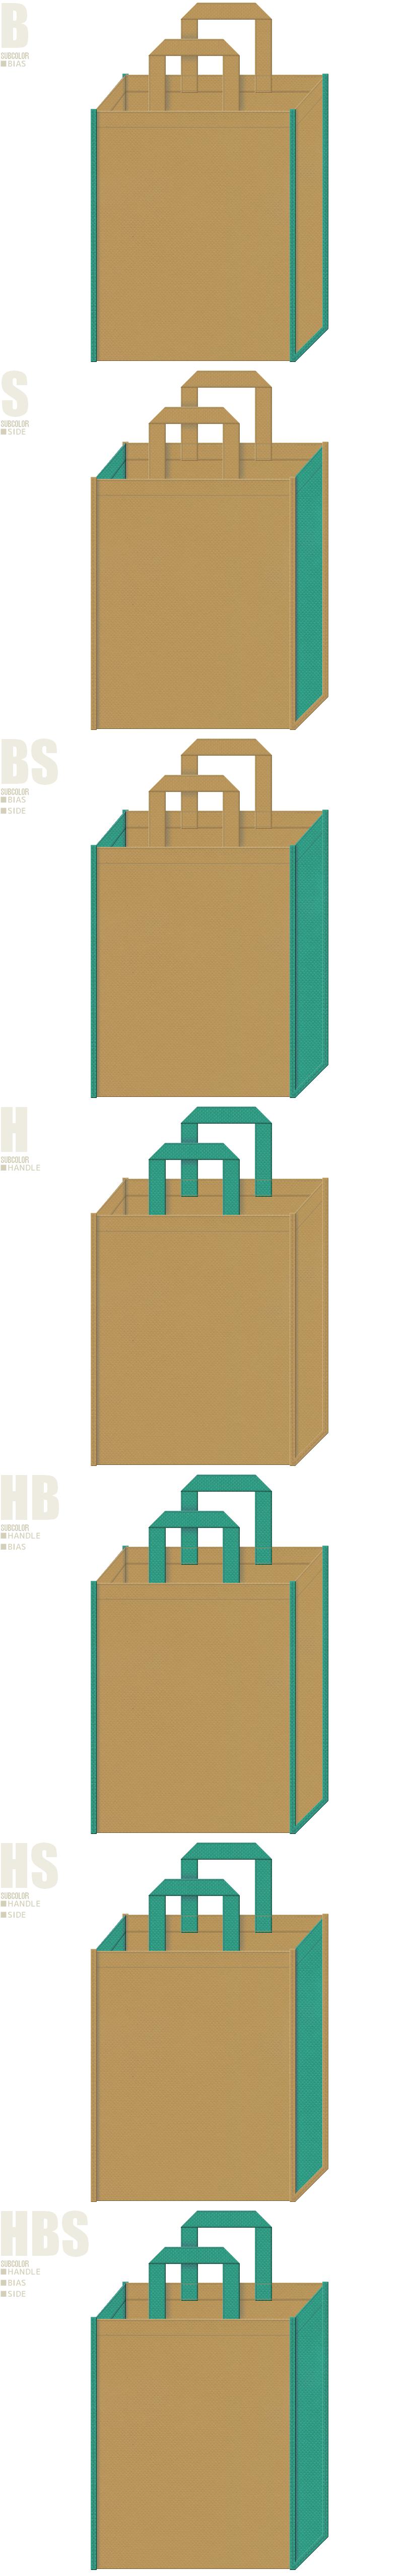 種苗・園芸用品・DIYの展示会用バッグにお奨めの不織布バッグデザイン:金黄土色と青緑色の不織布バッグ配色7パターン。